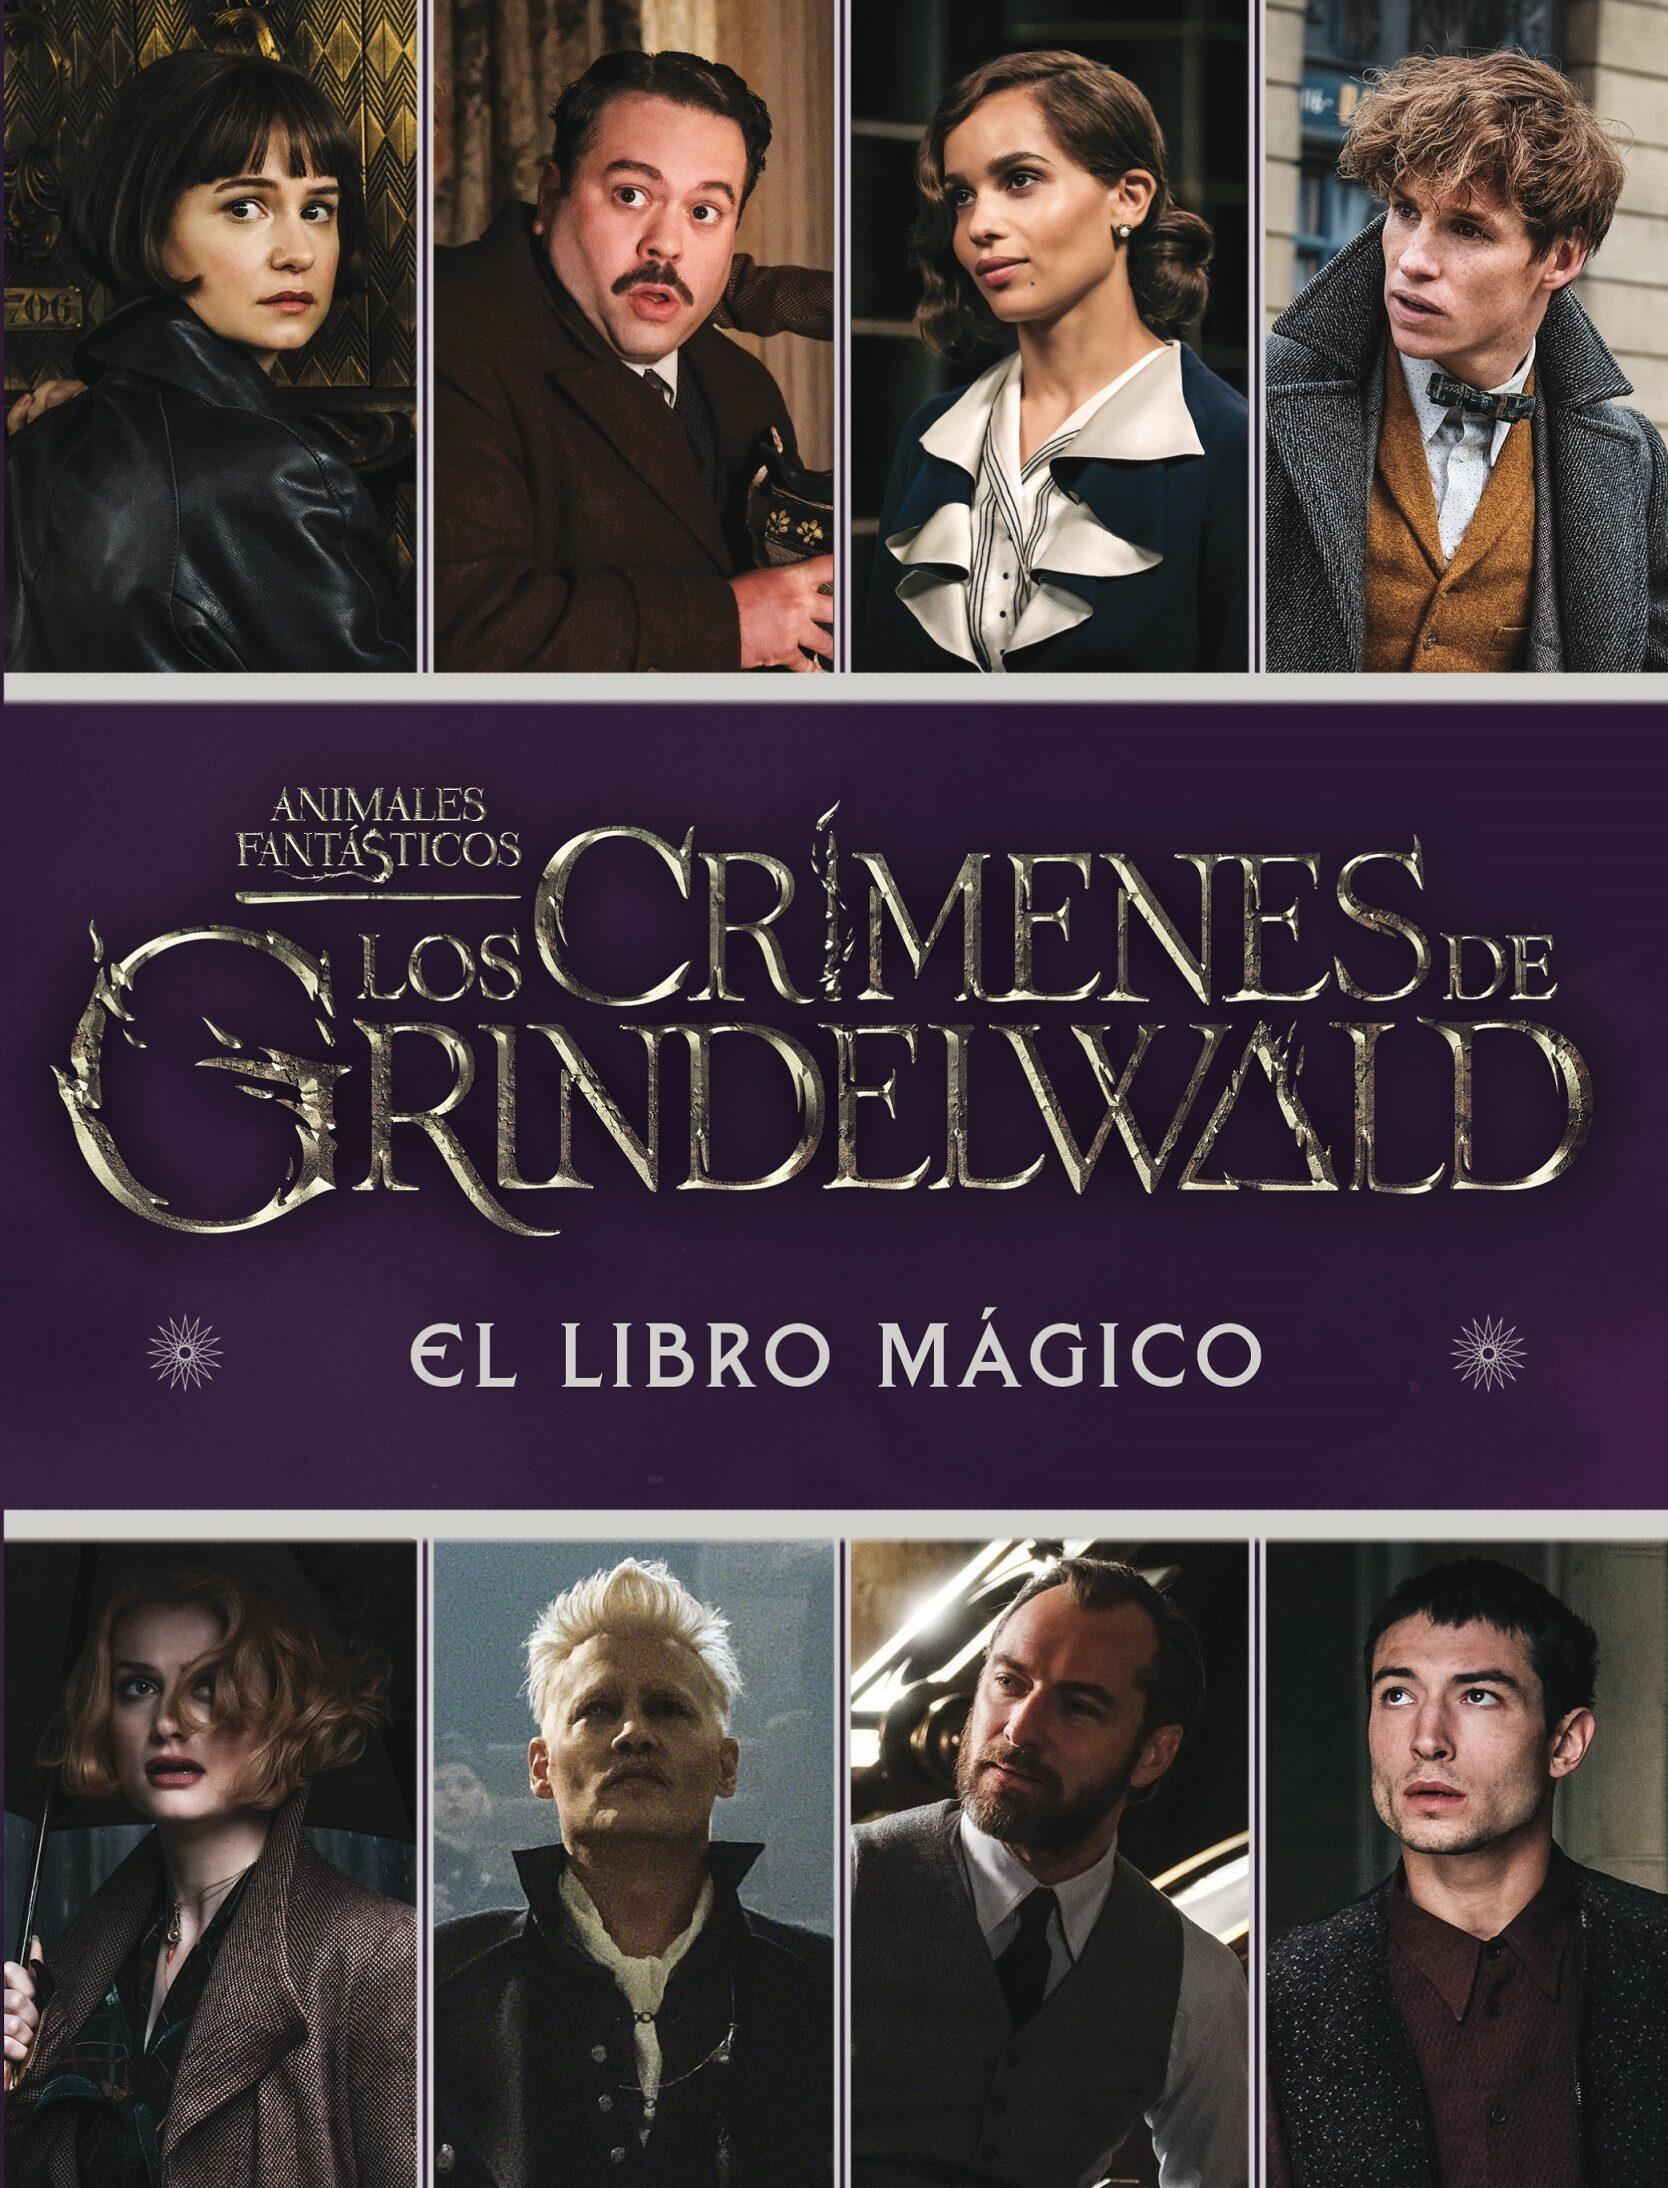 Los Crímenes De Grindelwald. El Libro Magico por Harry Potter